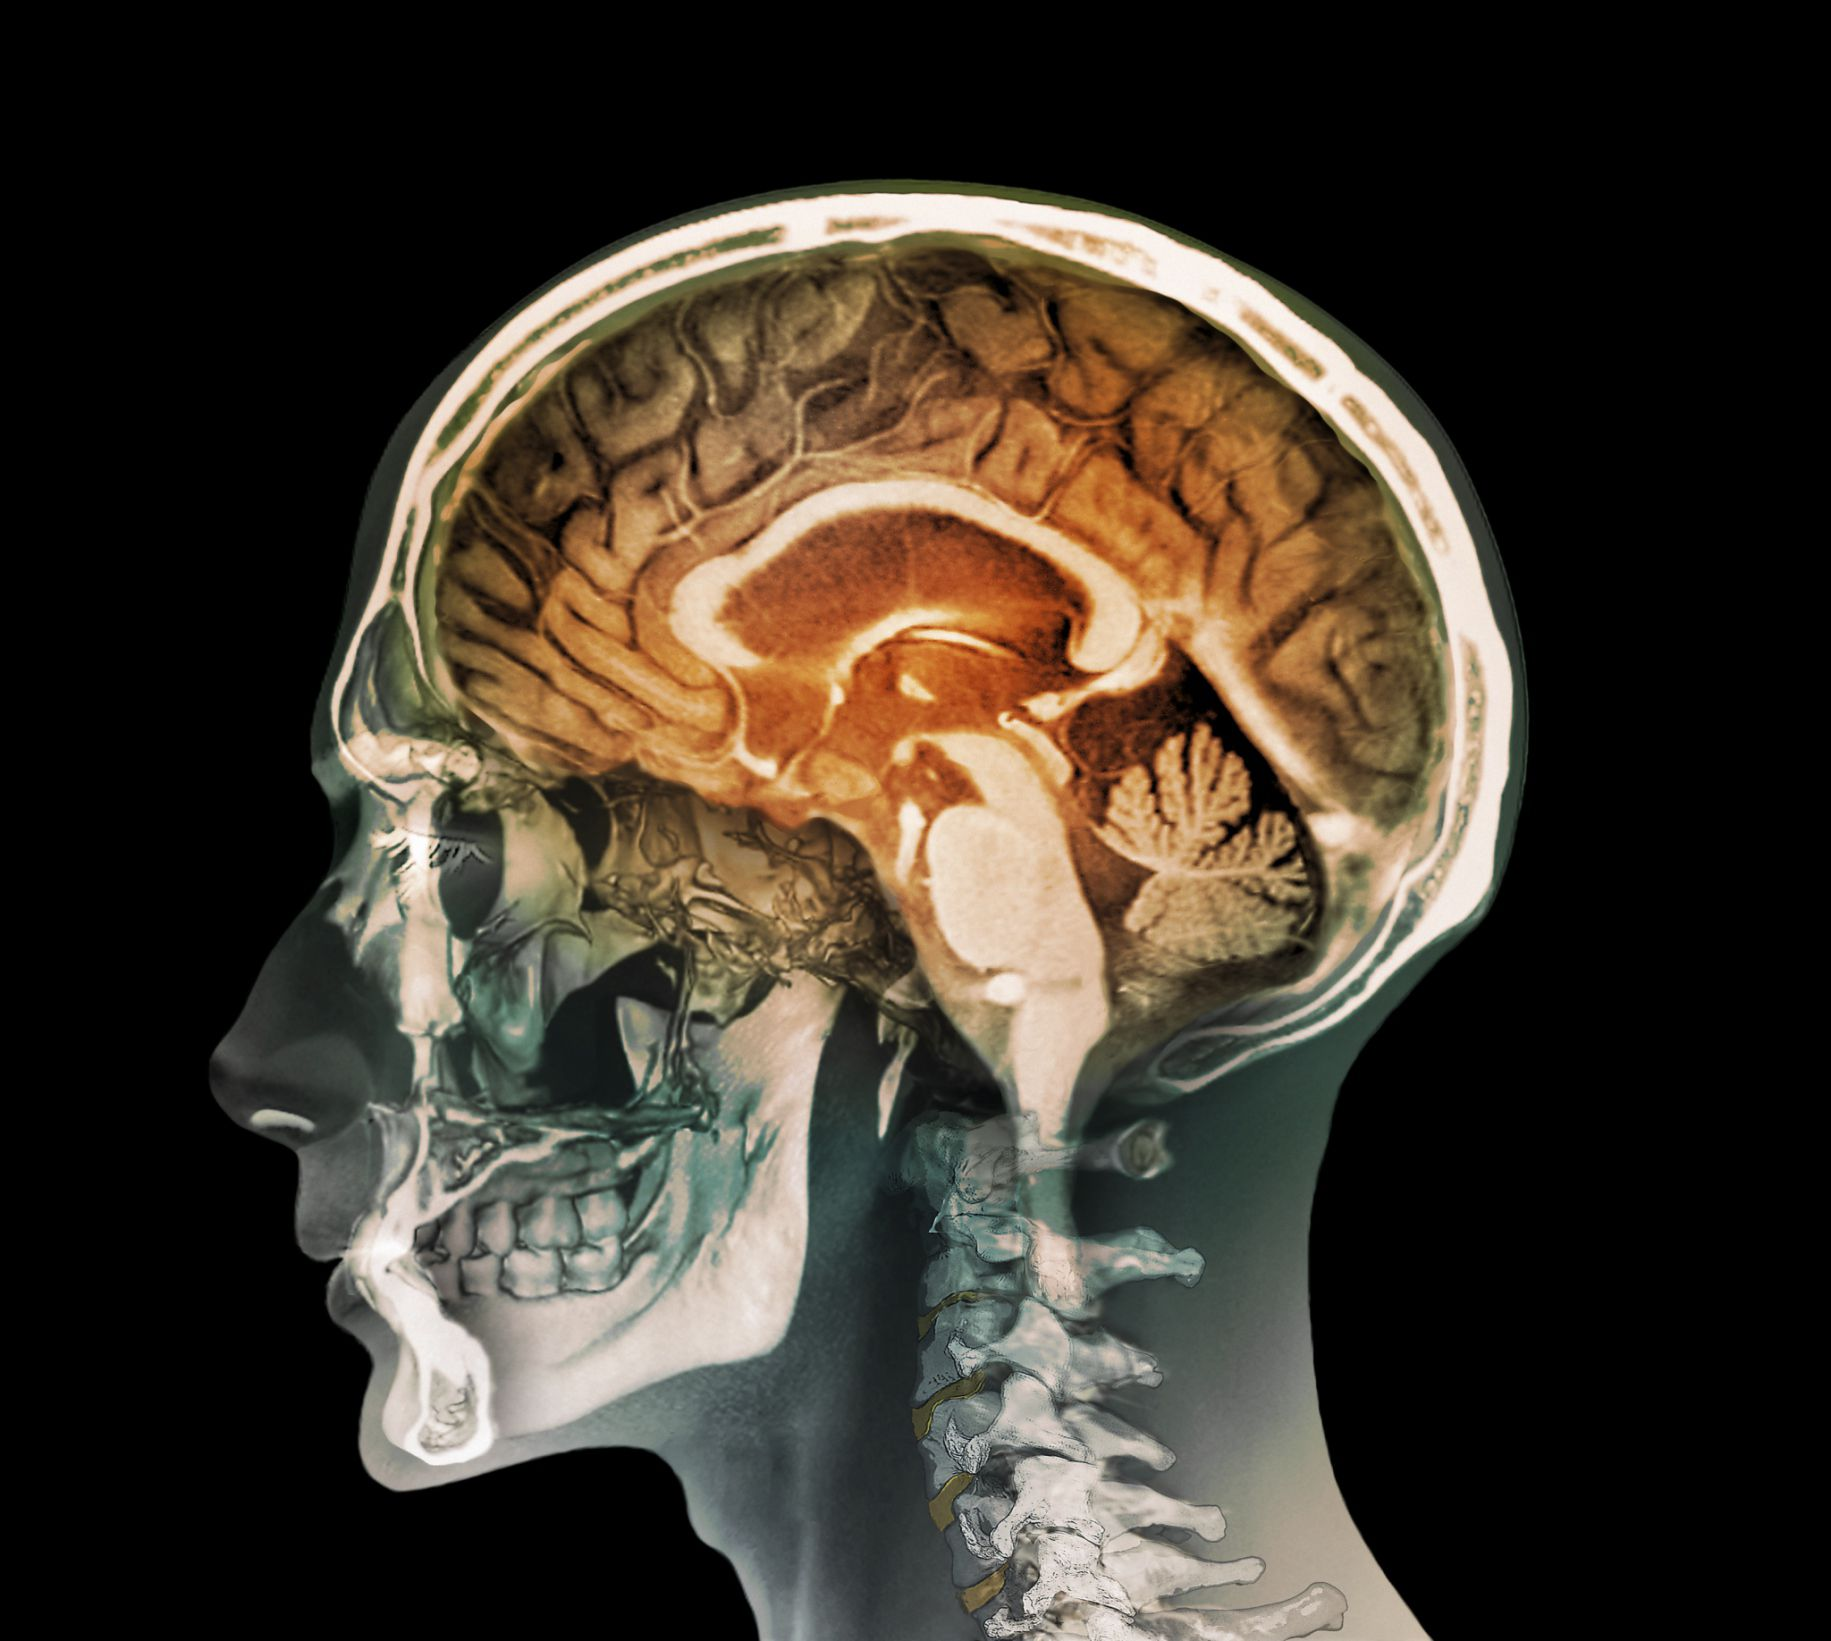 Злоупотребление алкоголем и дефицит тиамина повреждают мозг